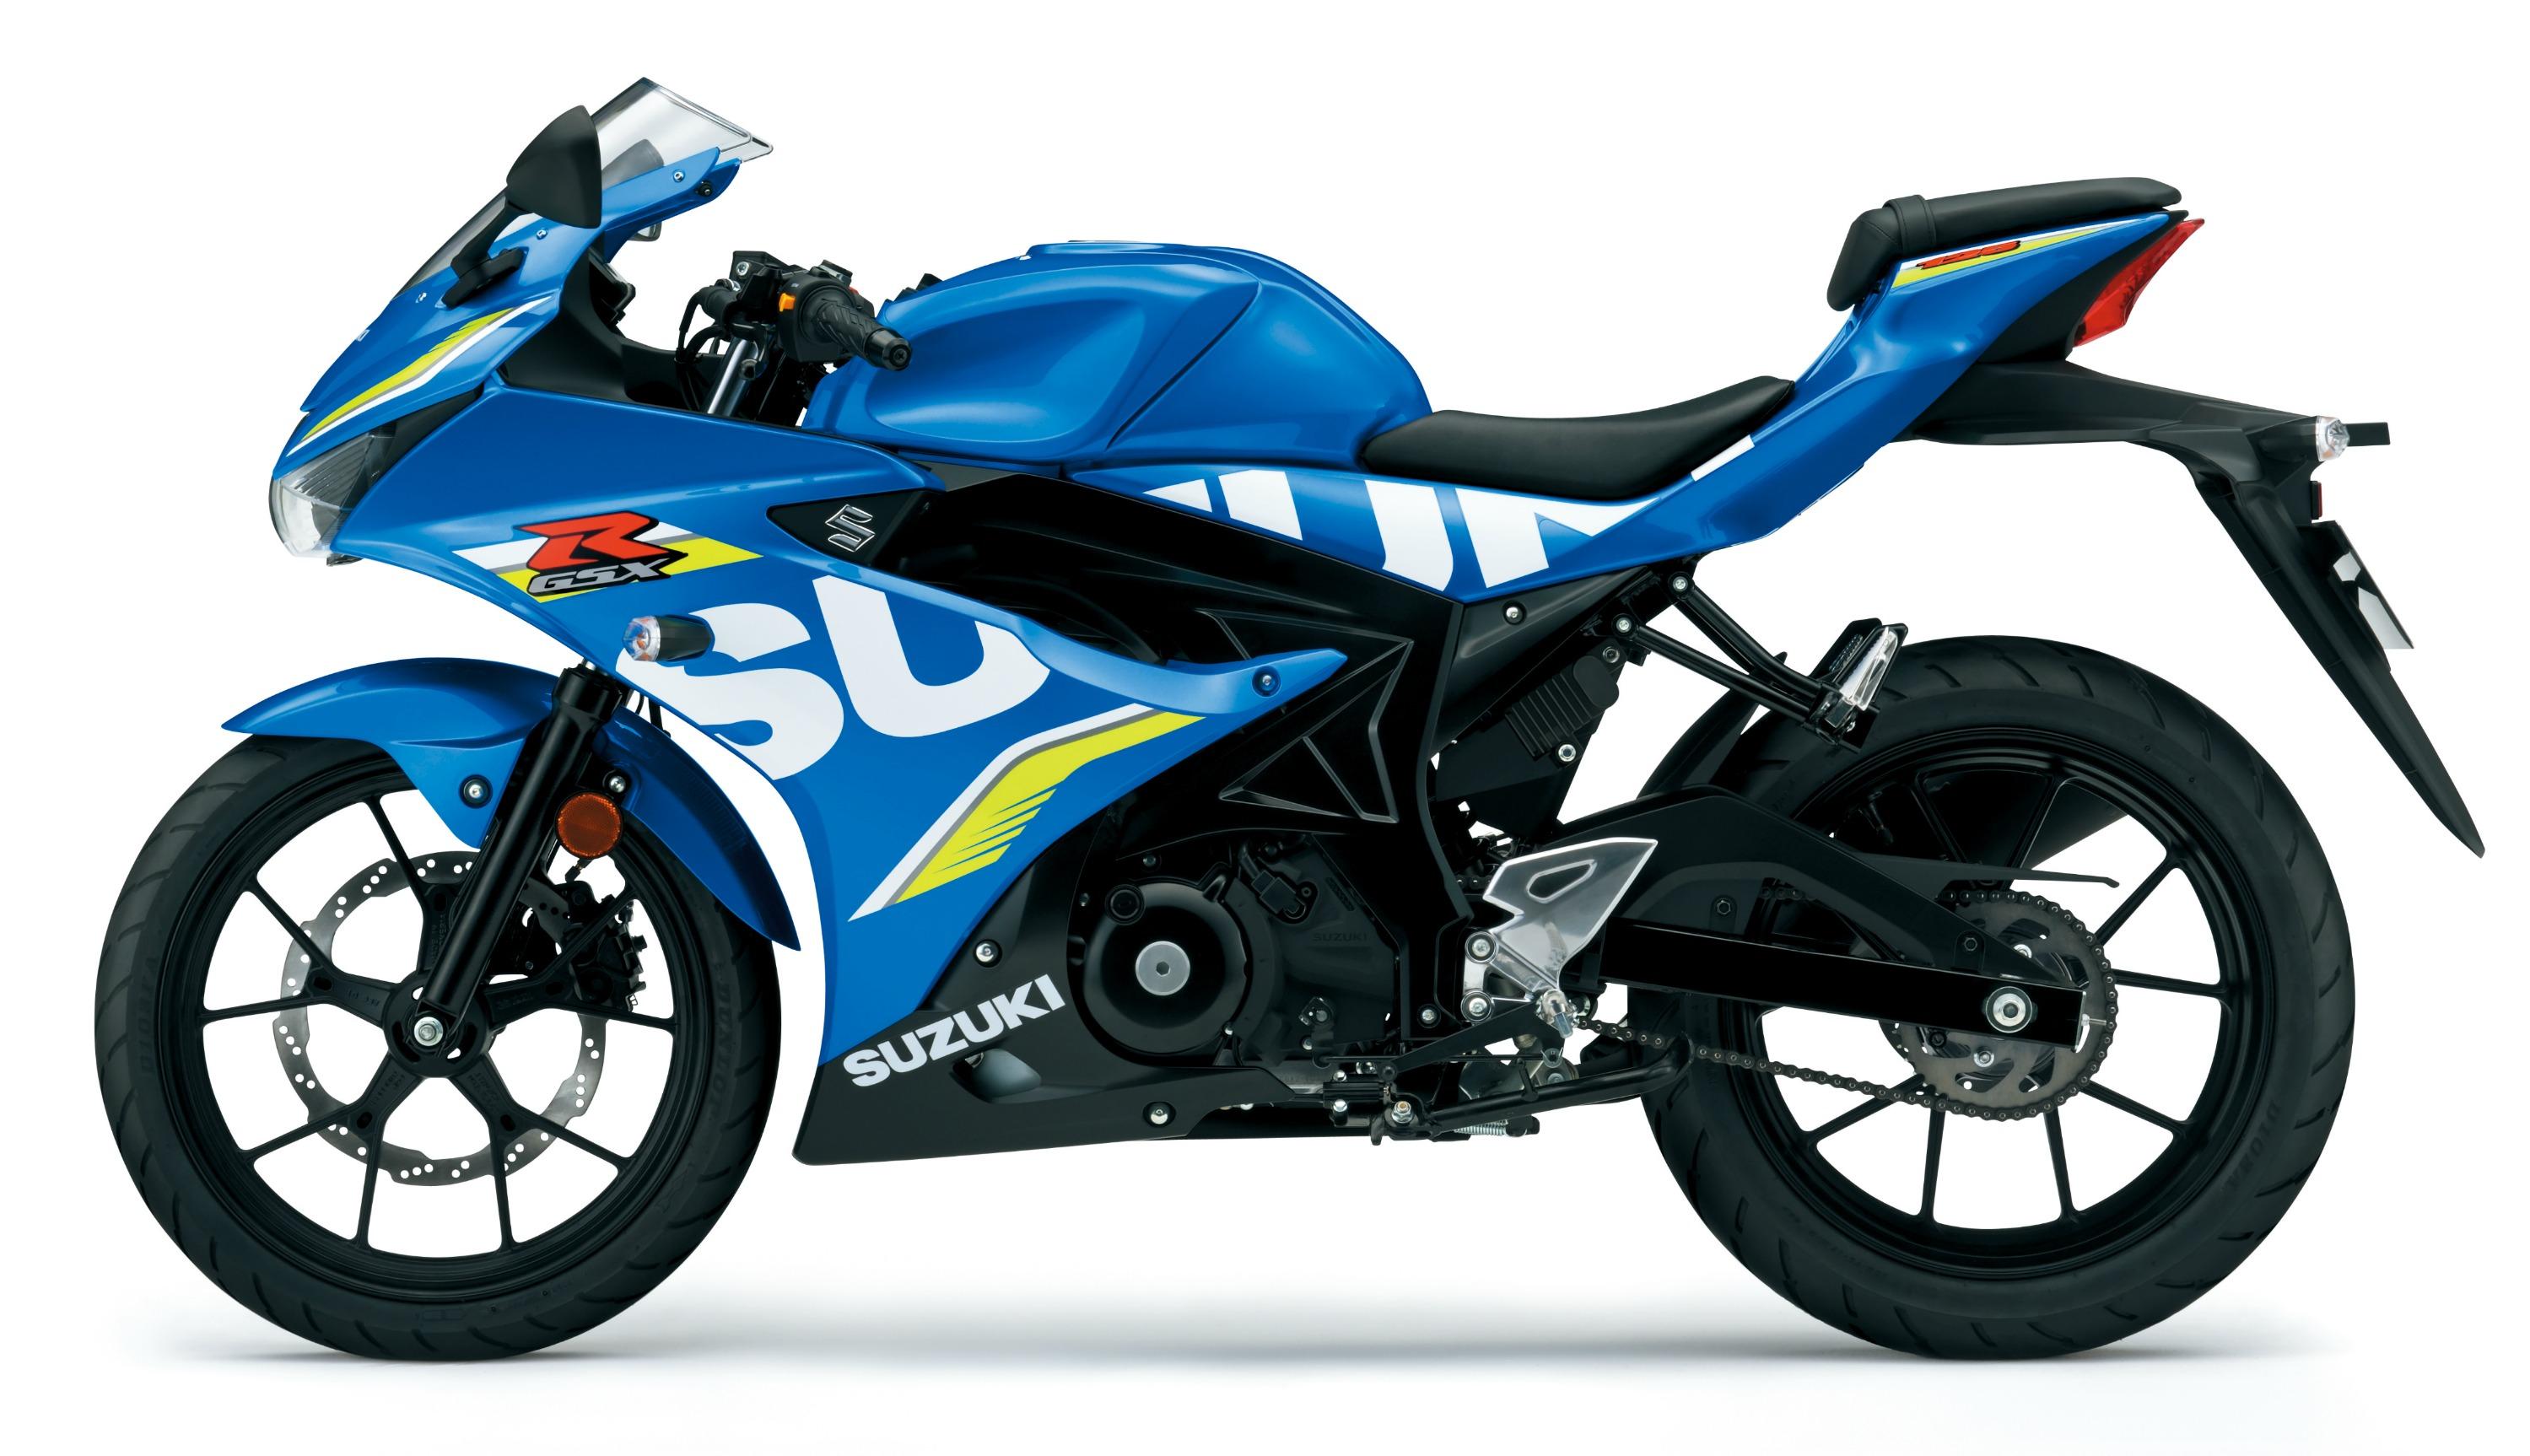 Suzuki Gsxr Review